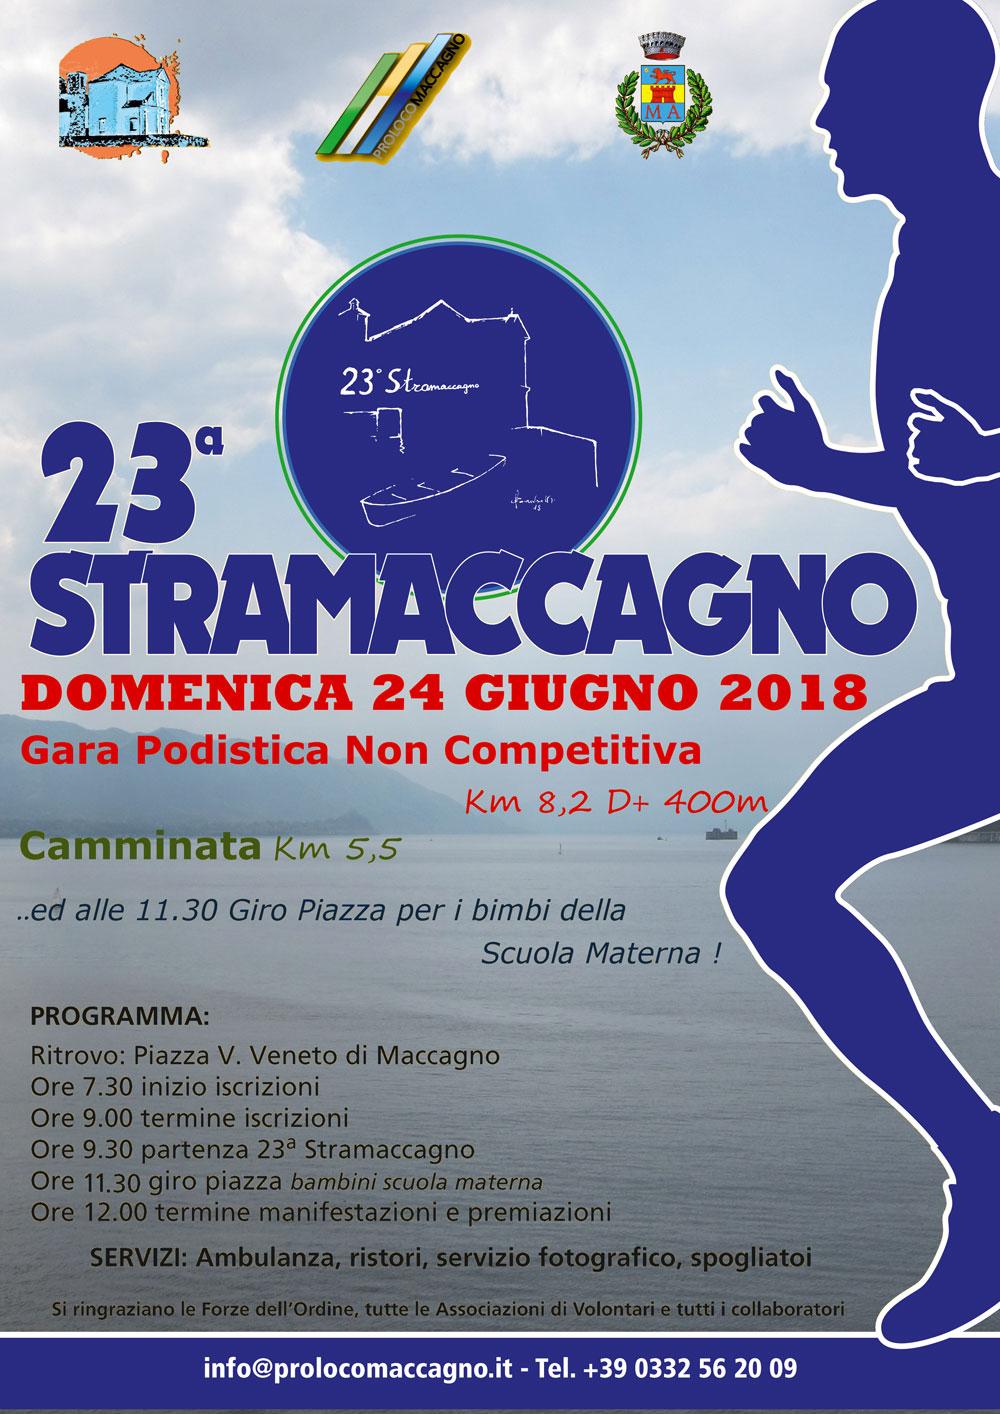 StraMaccagno 2018 - Gara podistica non competitiva [ locandina ]